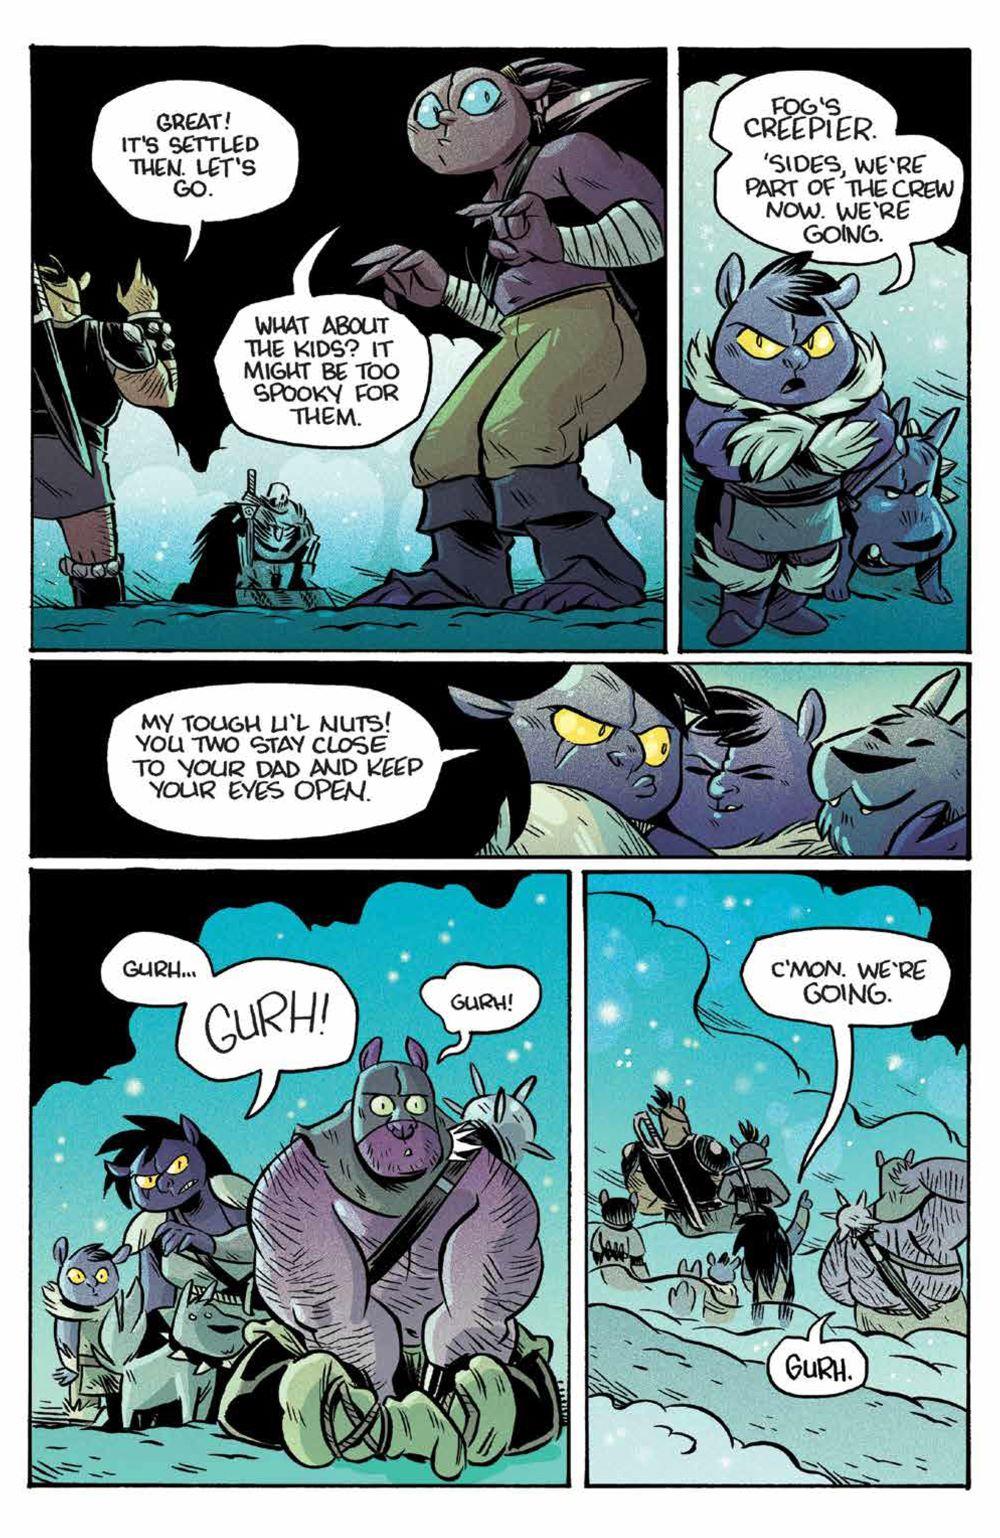 Orcs_006_PRESS_6 ComicList Previews: ORCS #6 (OF 6)